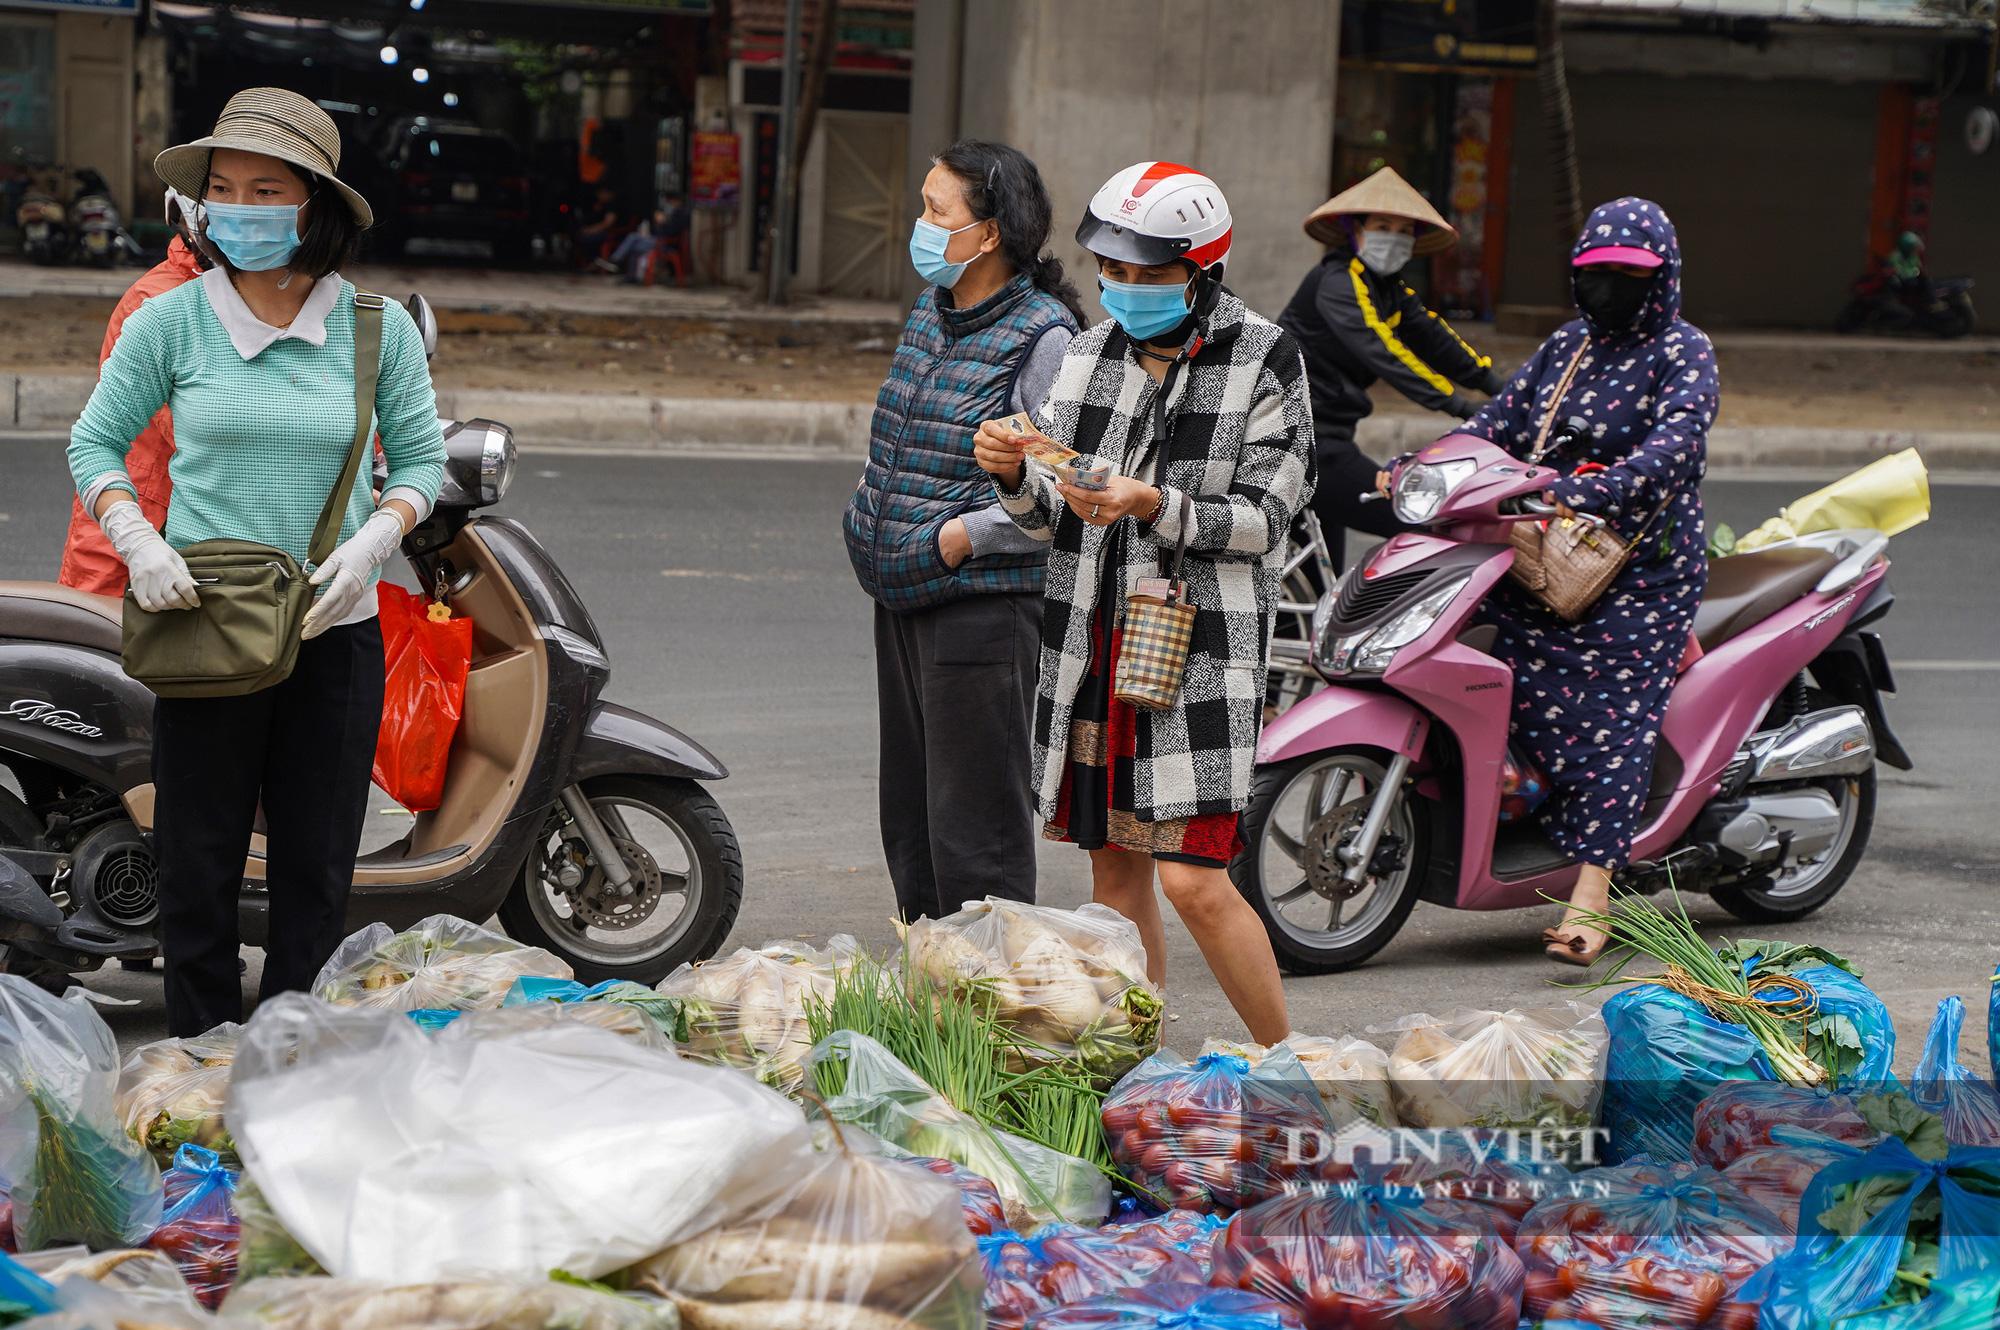 Hơn 4 tấn nông sản ở Mê Linh được giải cứu trong sáng nay - Ảnh 1.